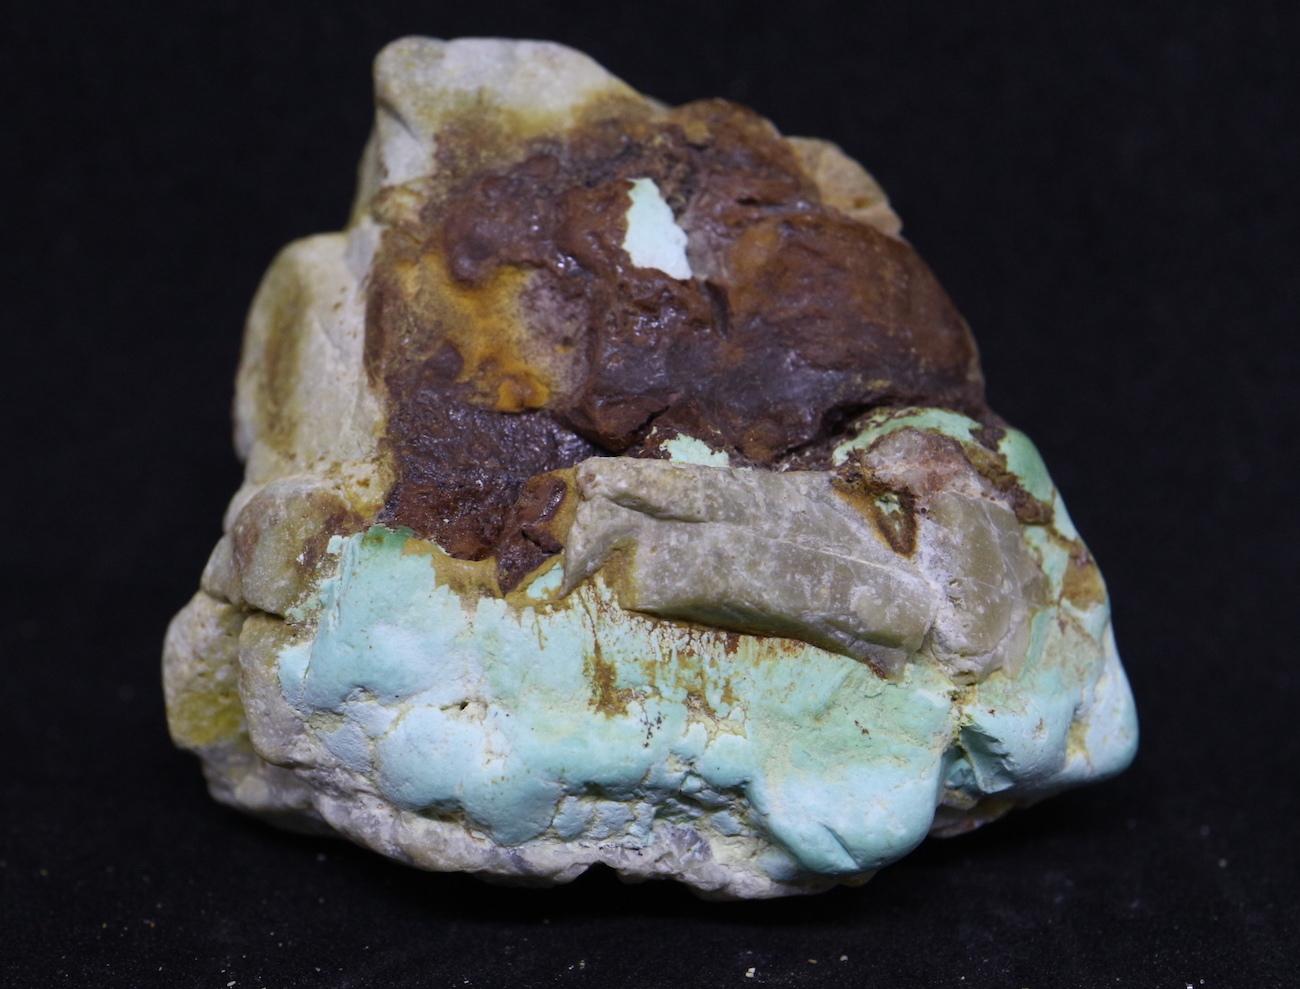 ターコイズ Turquoise 原石 ネバタ州産 45g TQ104